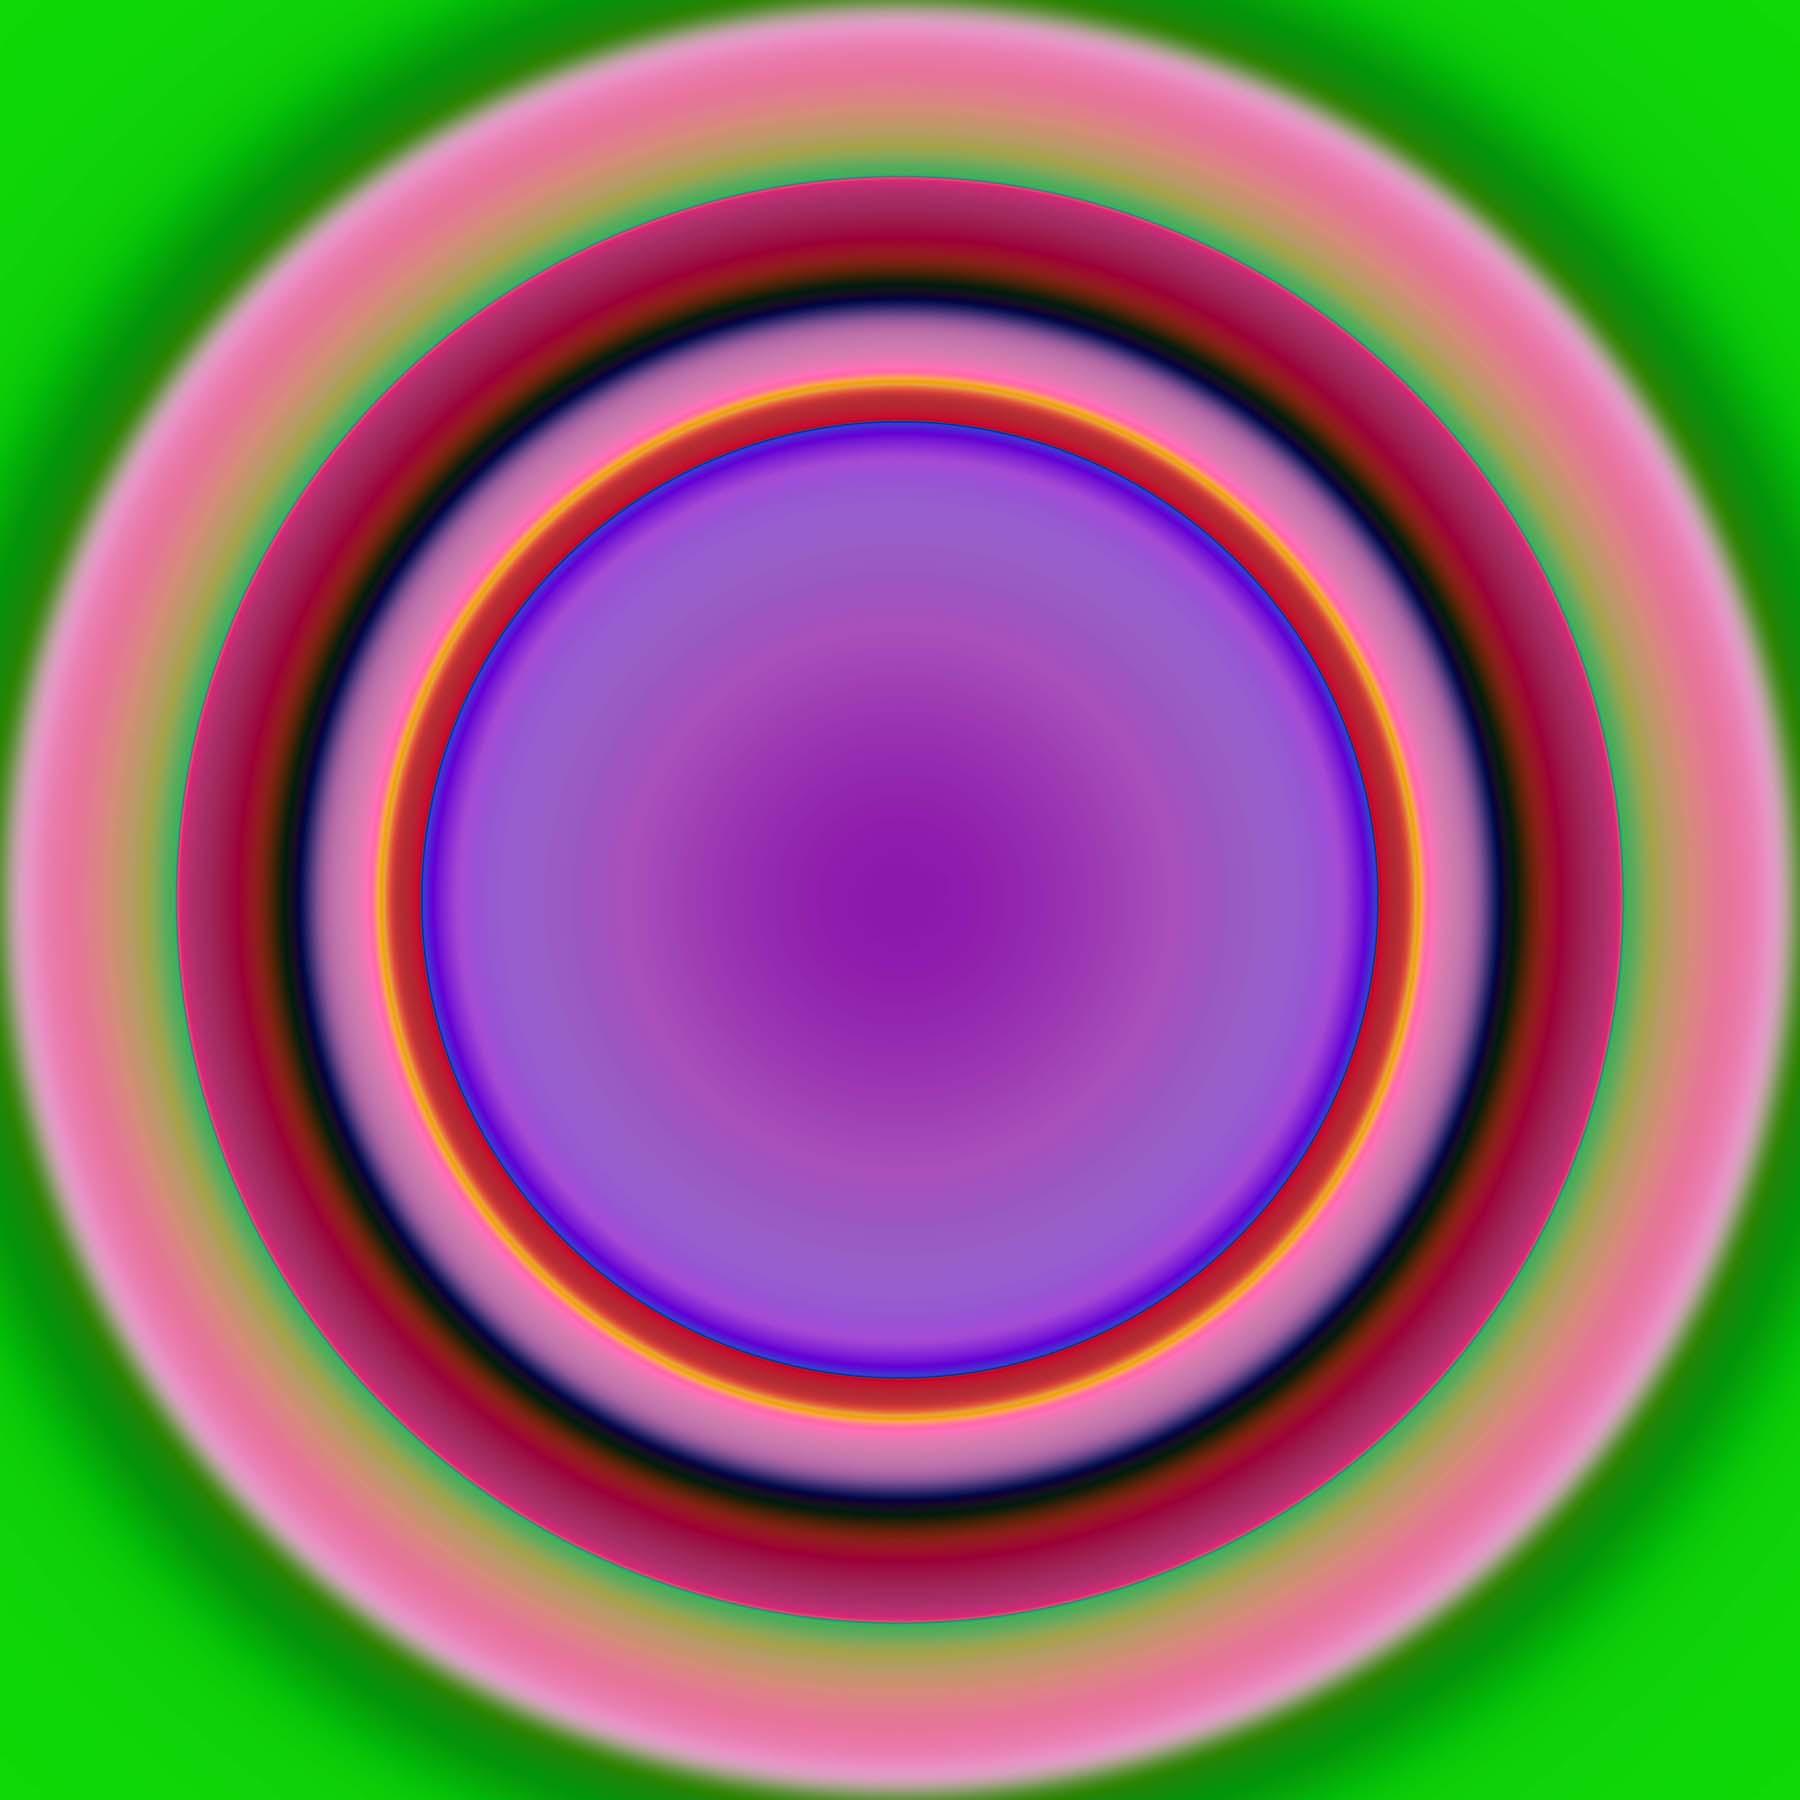 Thomas Leiblein: Circle of Green